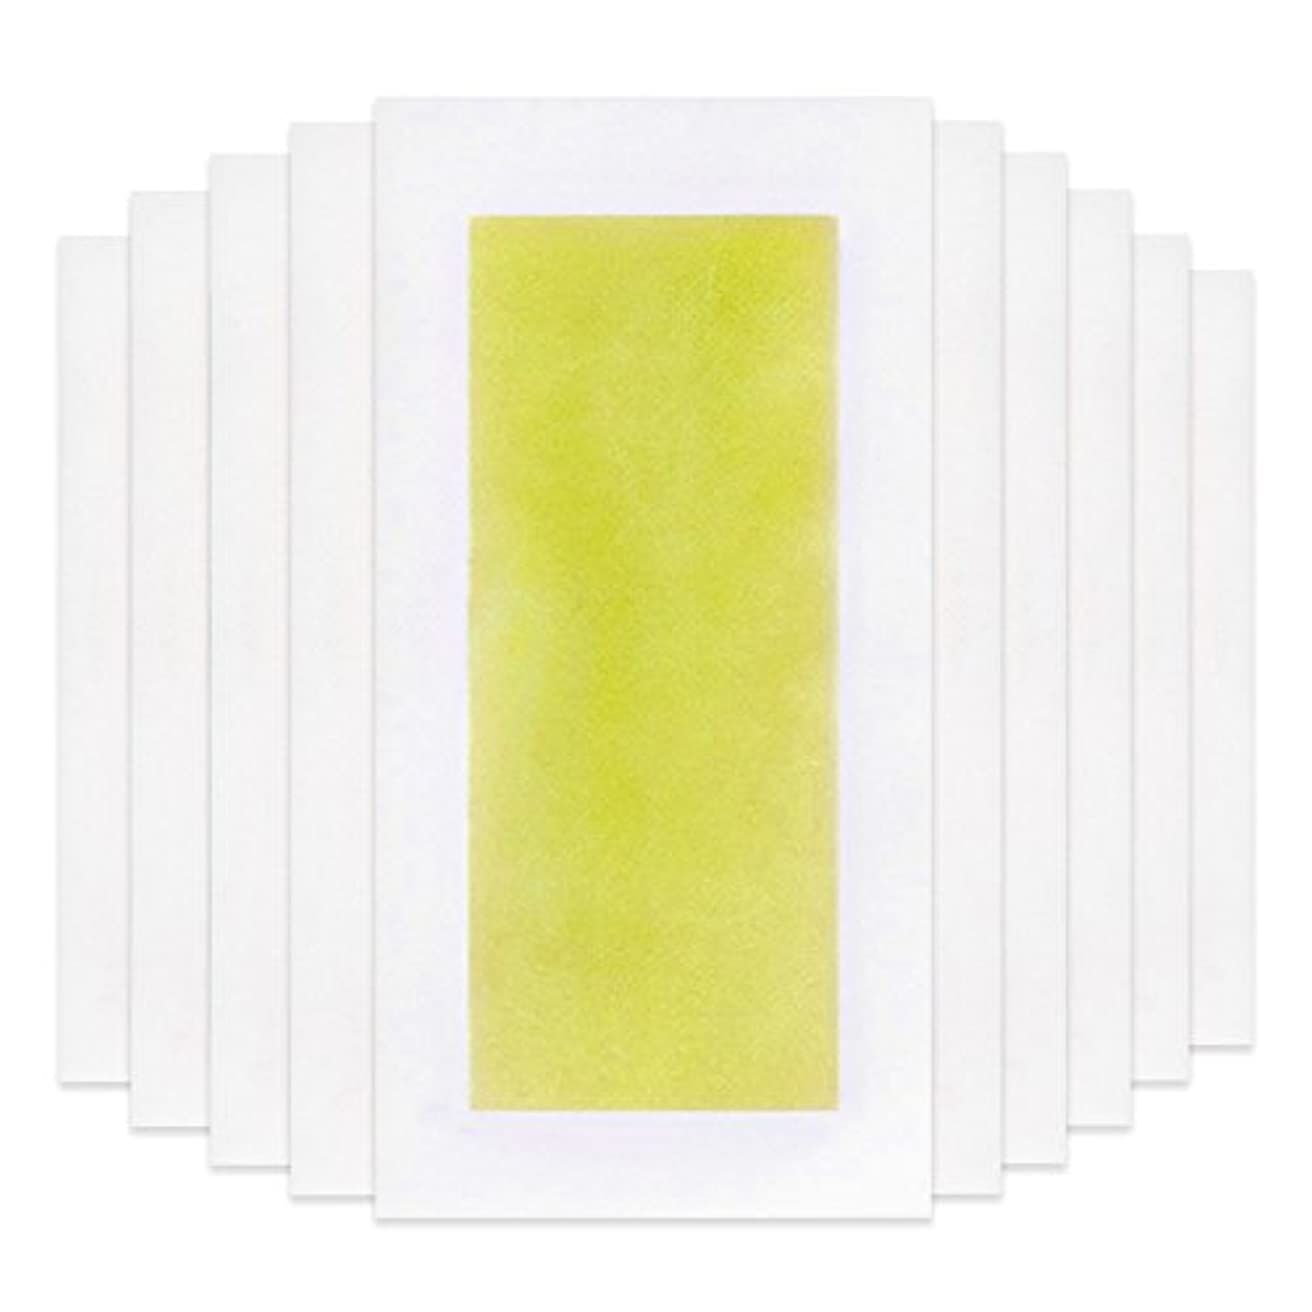 魚盆地ご近所Rabugoo 脚の身体の顔のための10個のプロフェッショナルな夏の脱毛ダブルサイドコールドワックスストリップ紙 Yellow